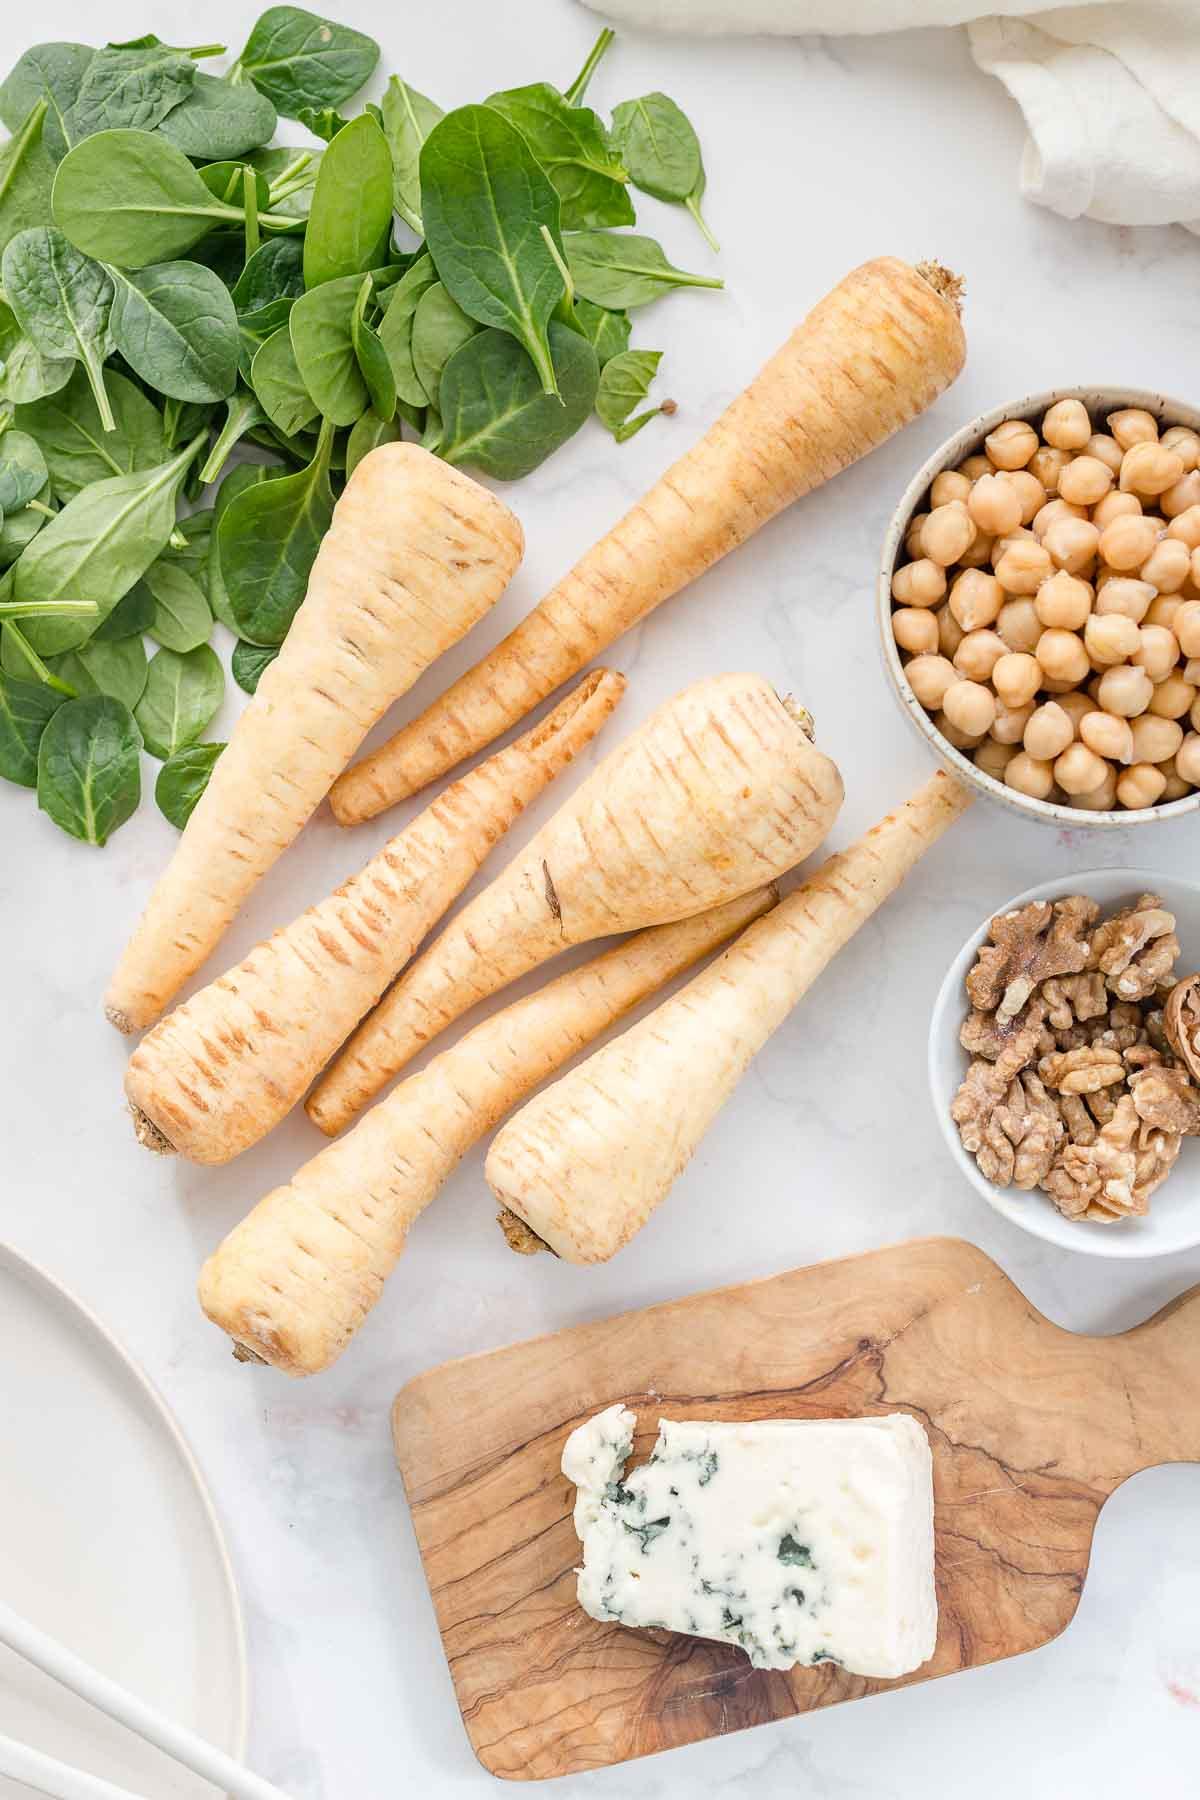 Zutaten: Pastinaken, Kichererbsen, Spinat, Walnüsse, Roquefort Käse